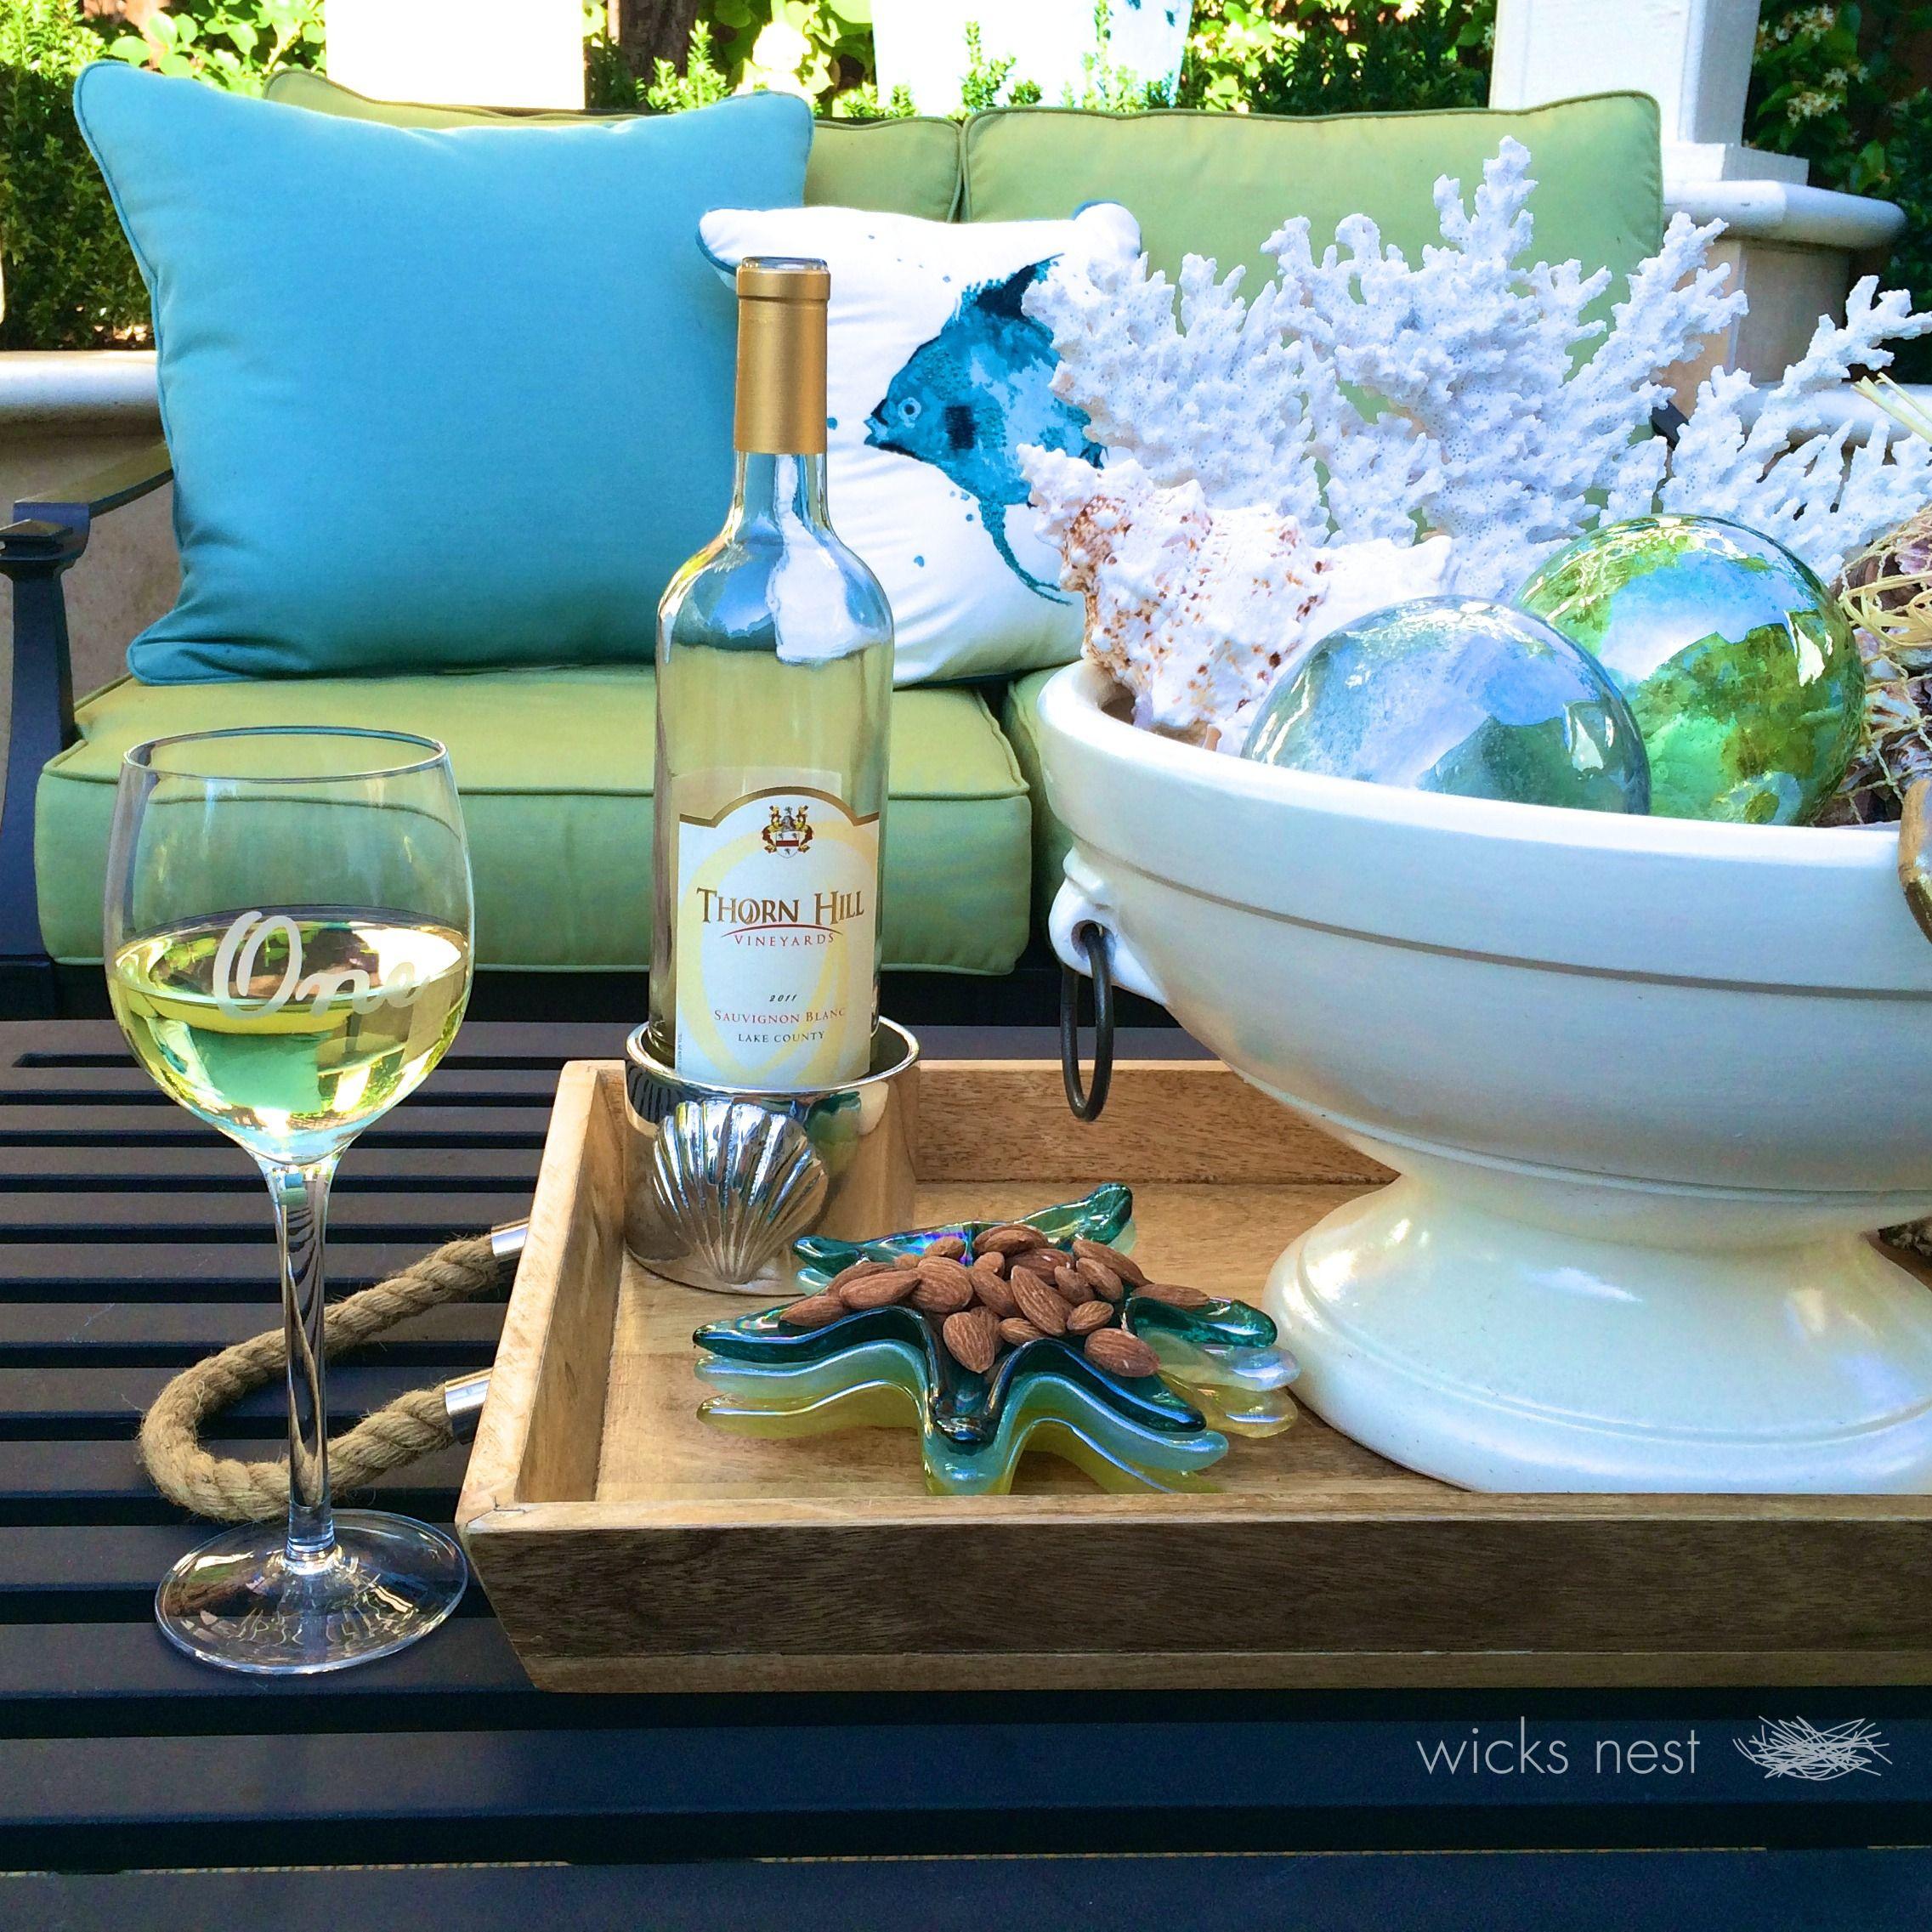 http www wicksnest com wine in backyard outdoor oasis my